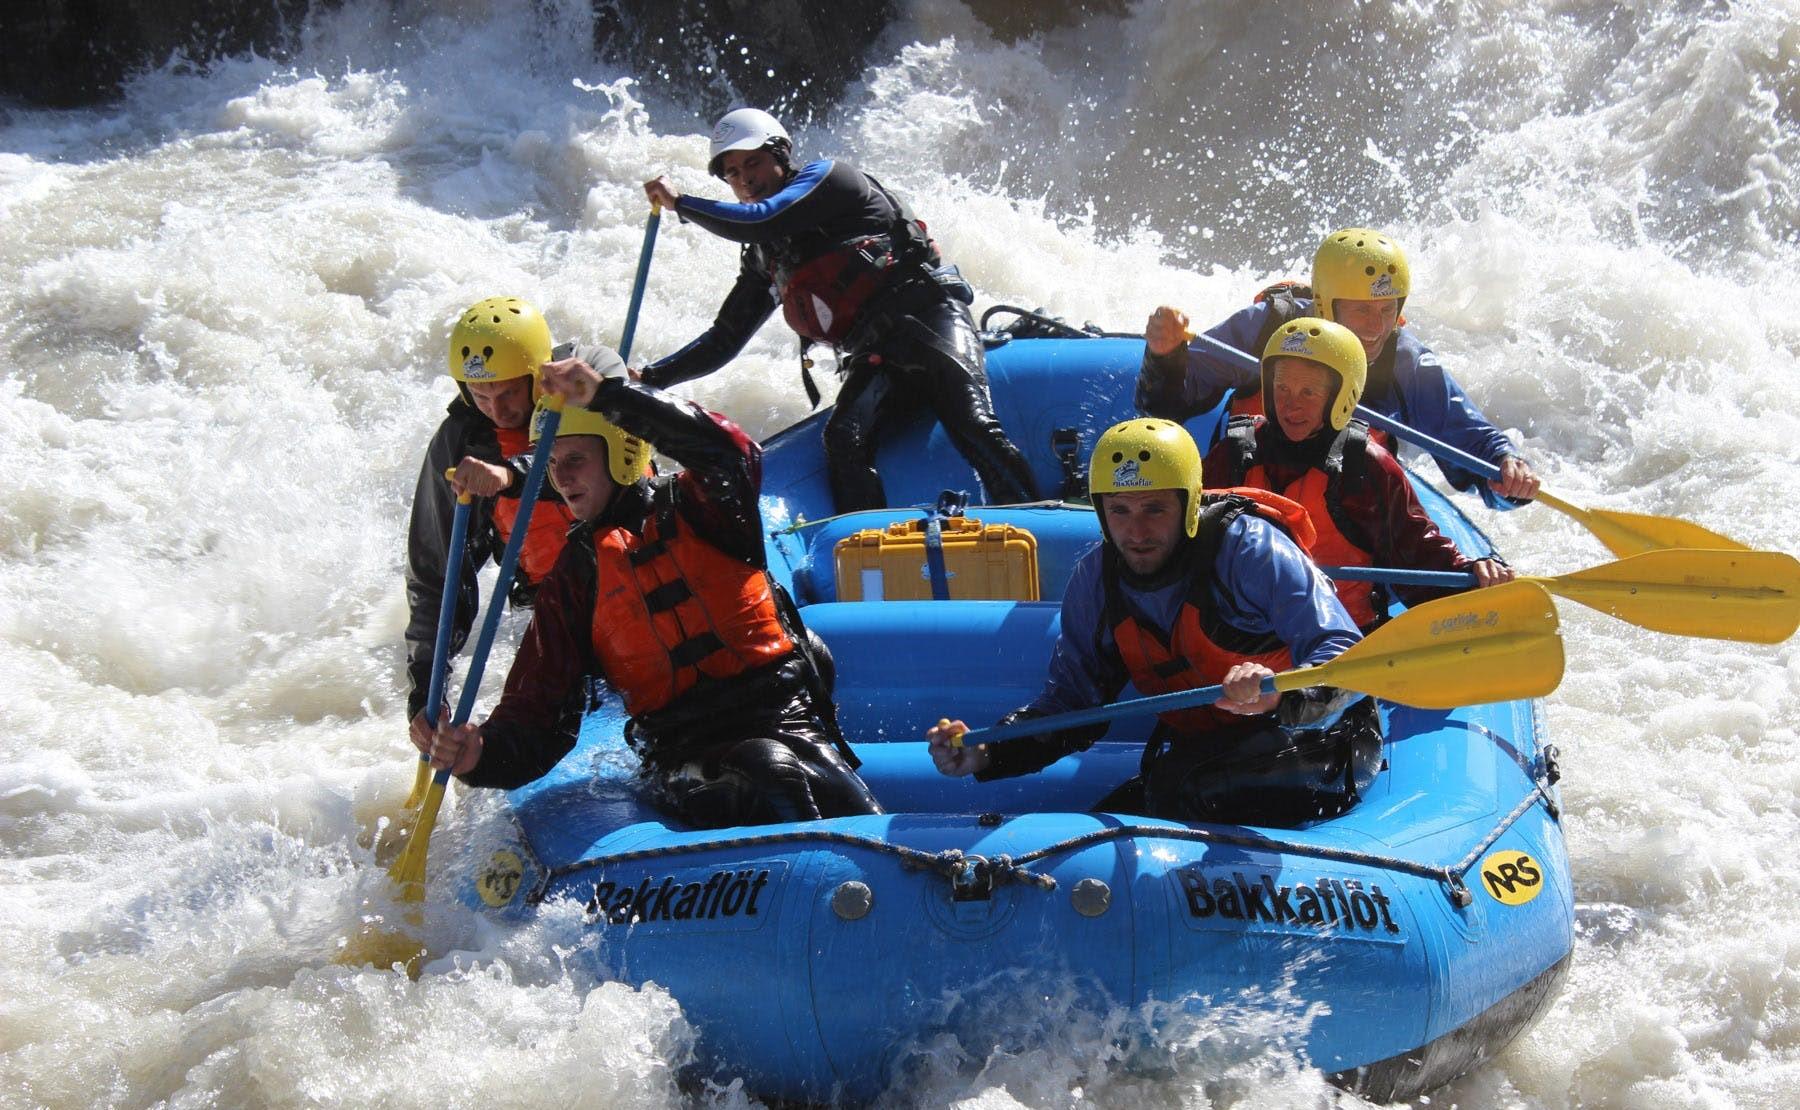 Este tour de rafting de verano en el norte de Islandia es muy exigente y aventurero.